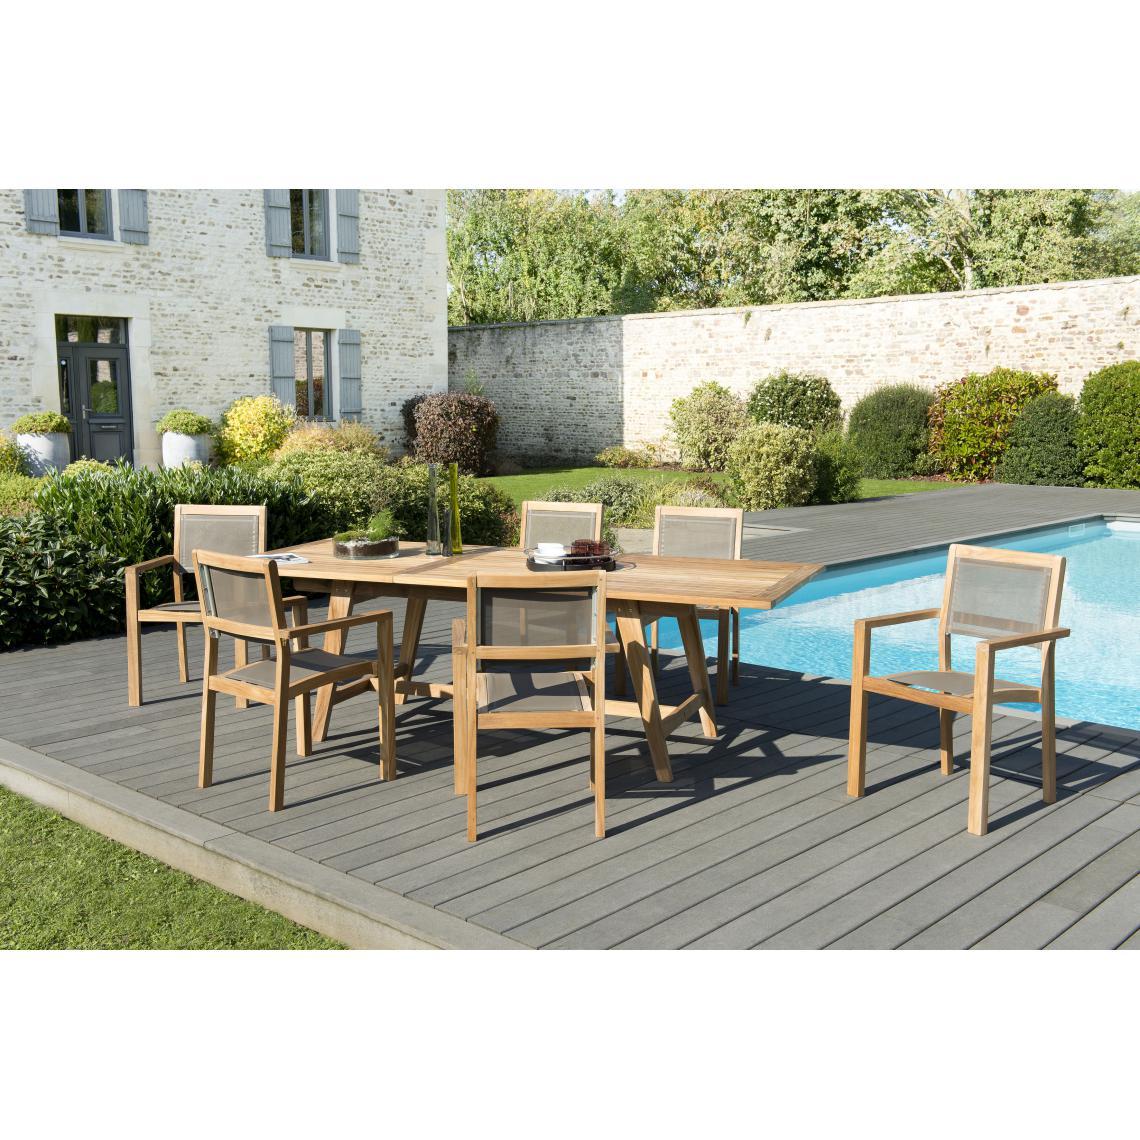 salon de jardin en bois teck 8 10 pers ensemble de jardin 1 table rectangulaire scandi extensible 180 240 100 cm 6 fauteuils empilables